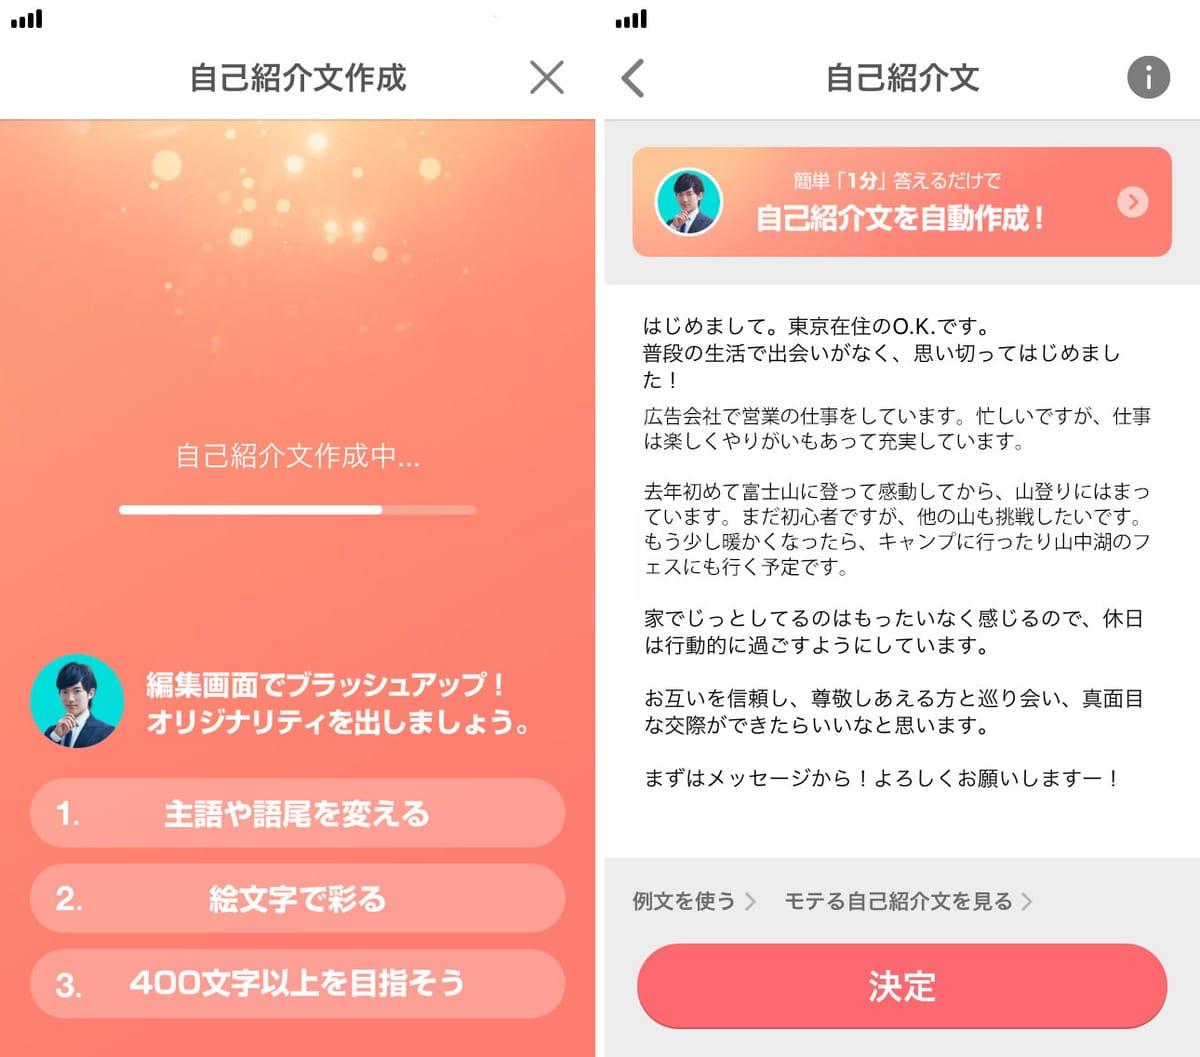 【男性版】マッチングアプリでモテるプロフィールが判明!例文、写真のコツを公開 6番目の画像